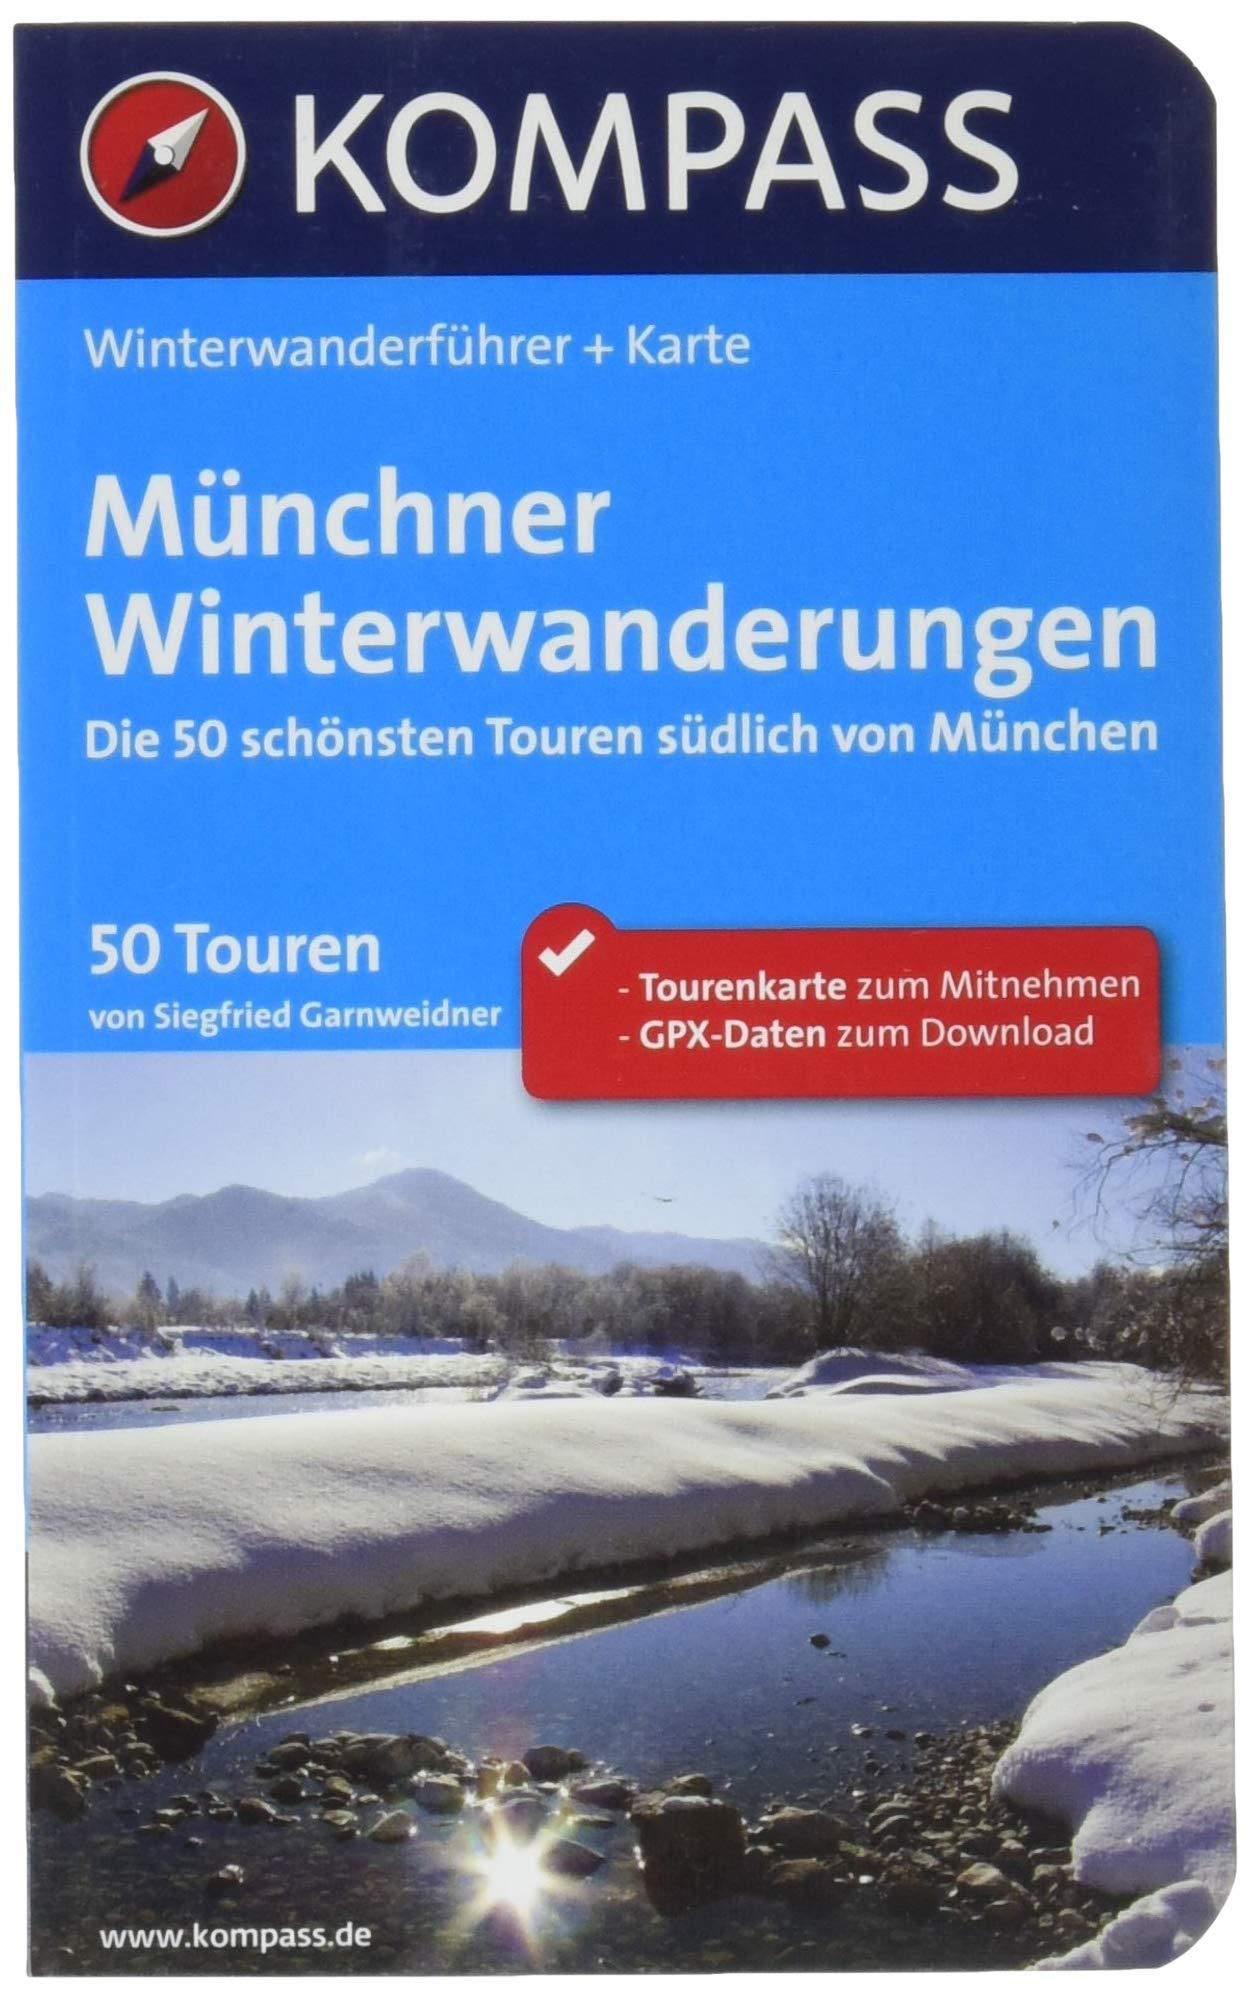 KOMPASS Wanderführer Münchner Winterwanderungen  Winterwanderführer Mit Extra Tourenkarte 1 50.000 50 Touren GPX Daten Zum Download